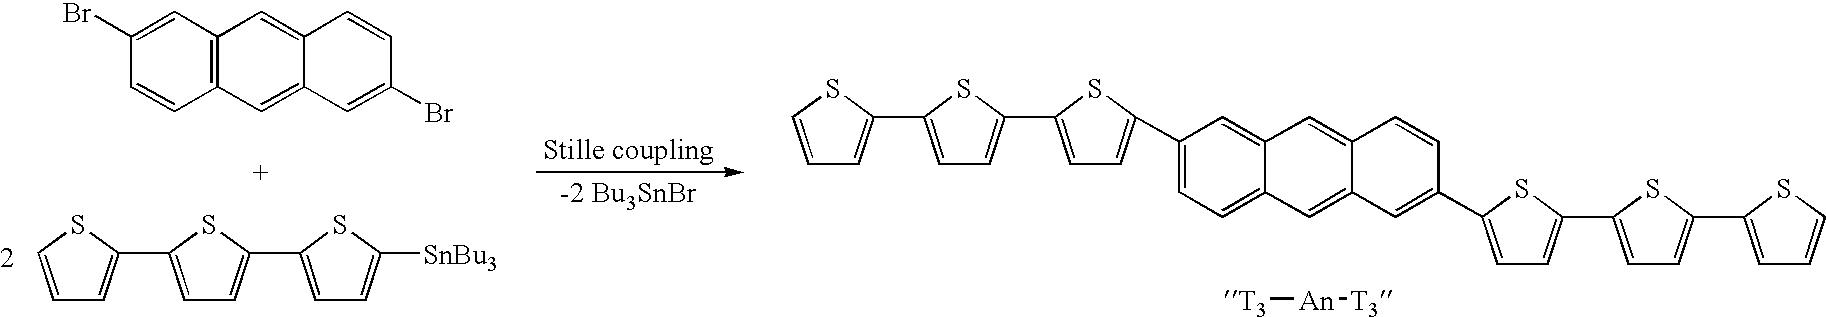 Figure US07276395-20071002-C00015